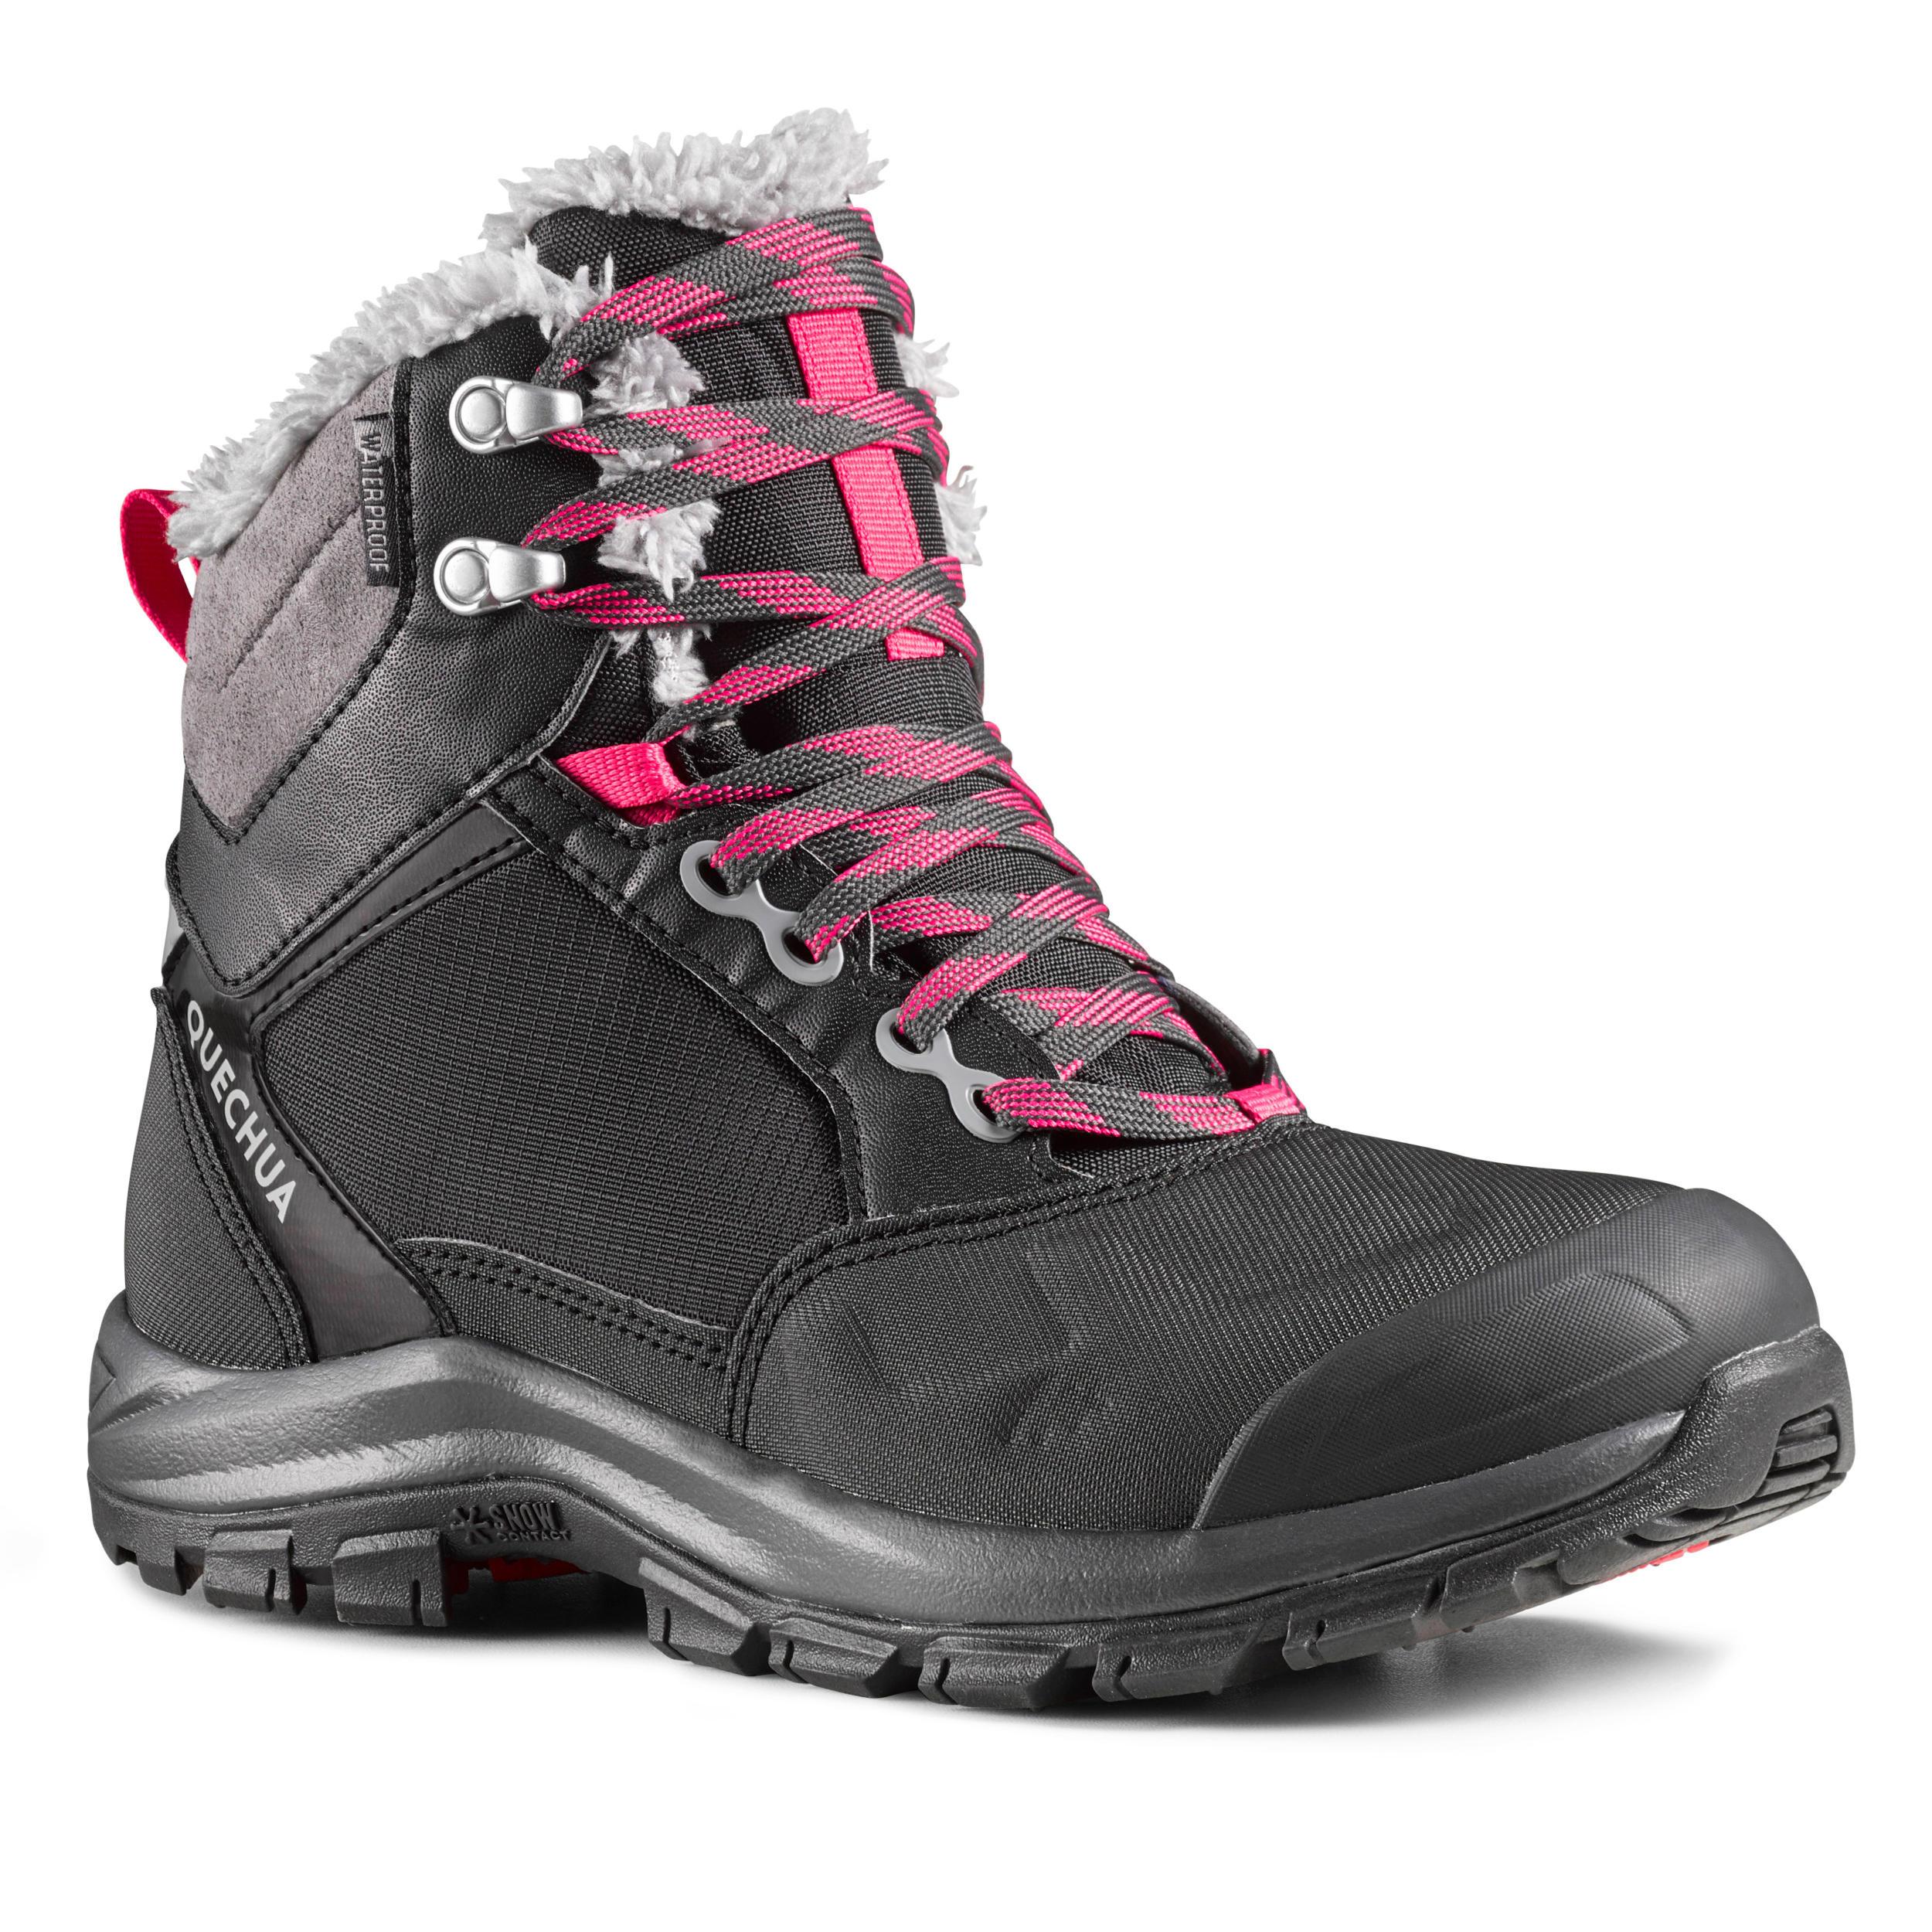 Chaussures de randonnée neige femme SH520 x,warm mid noir